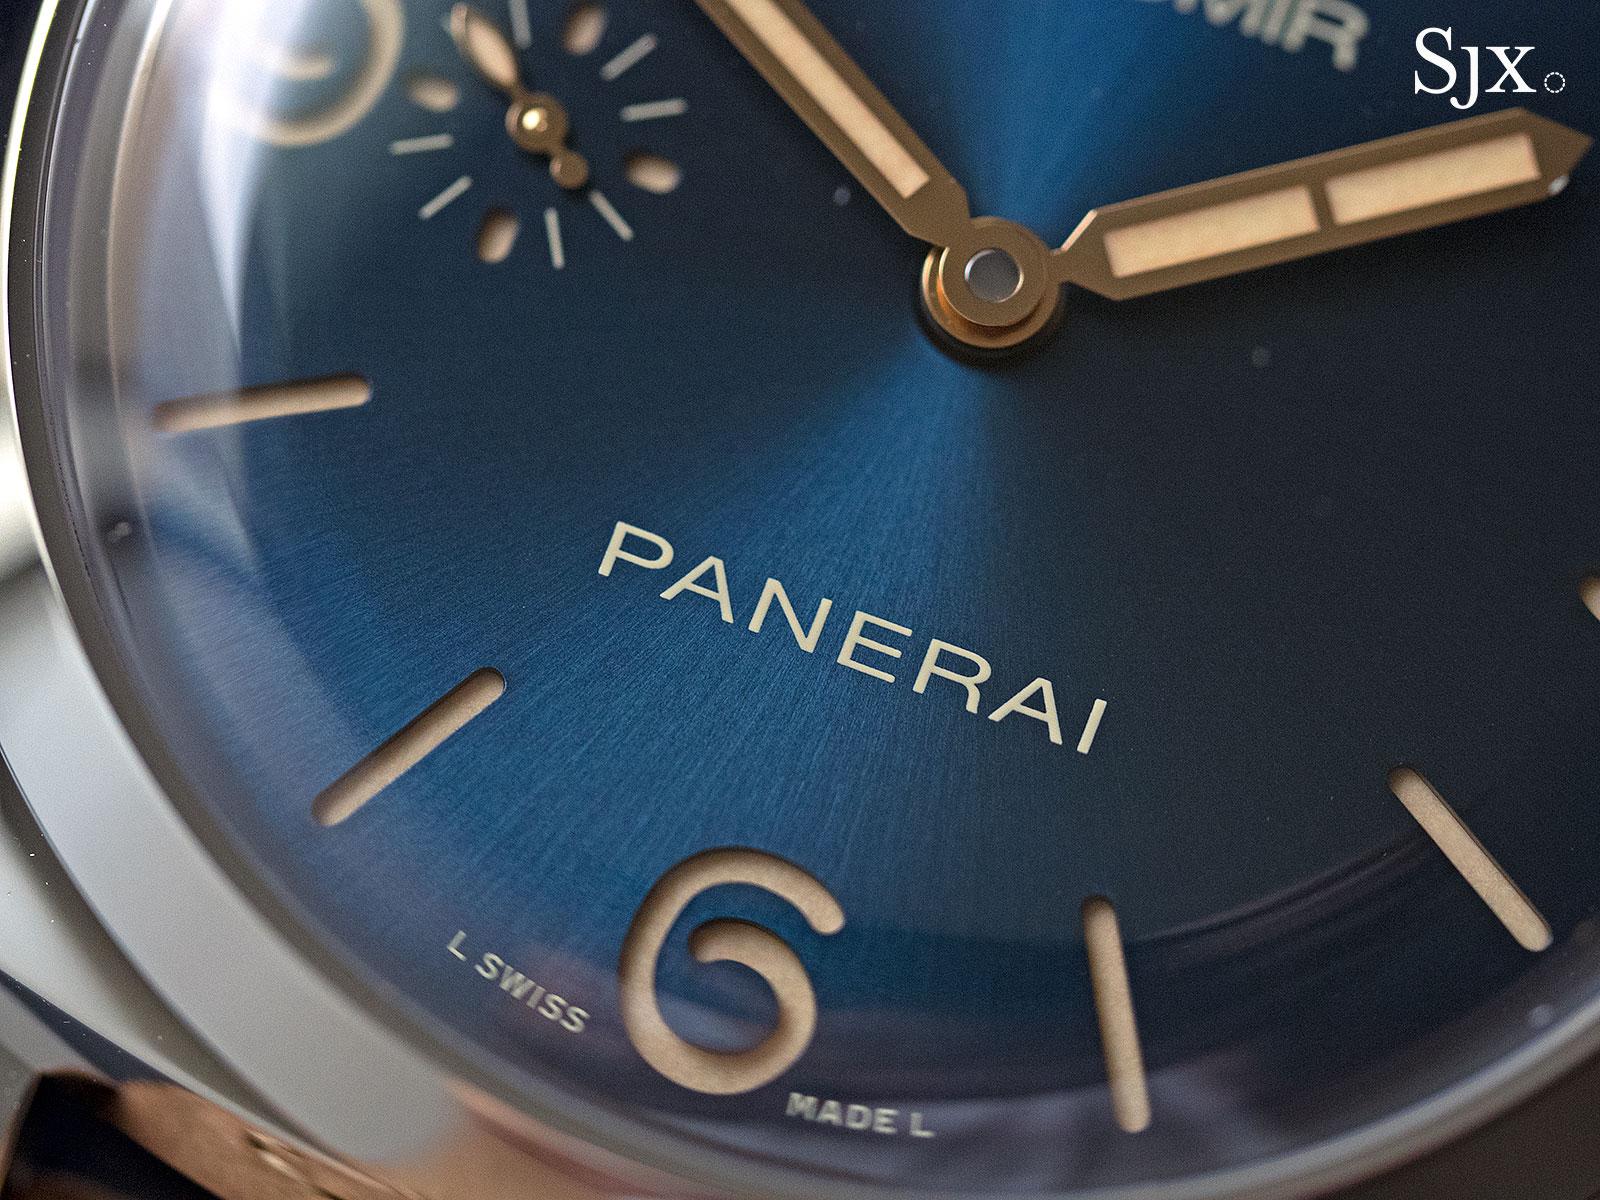 Panerai Radiomir 1940 Blue Dial PAM690 - 4